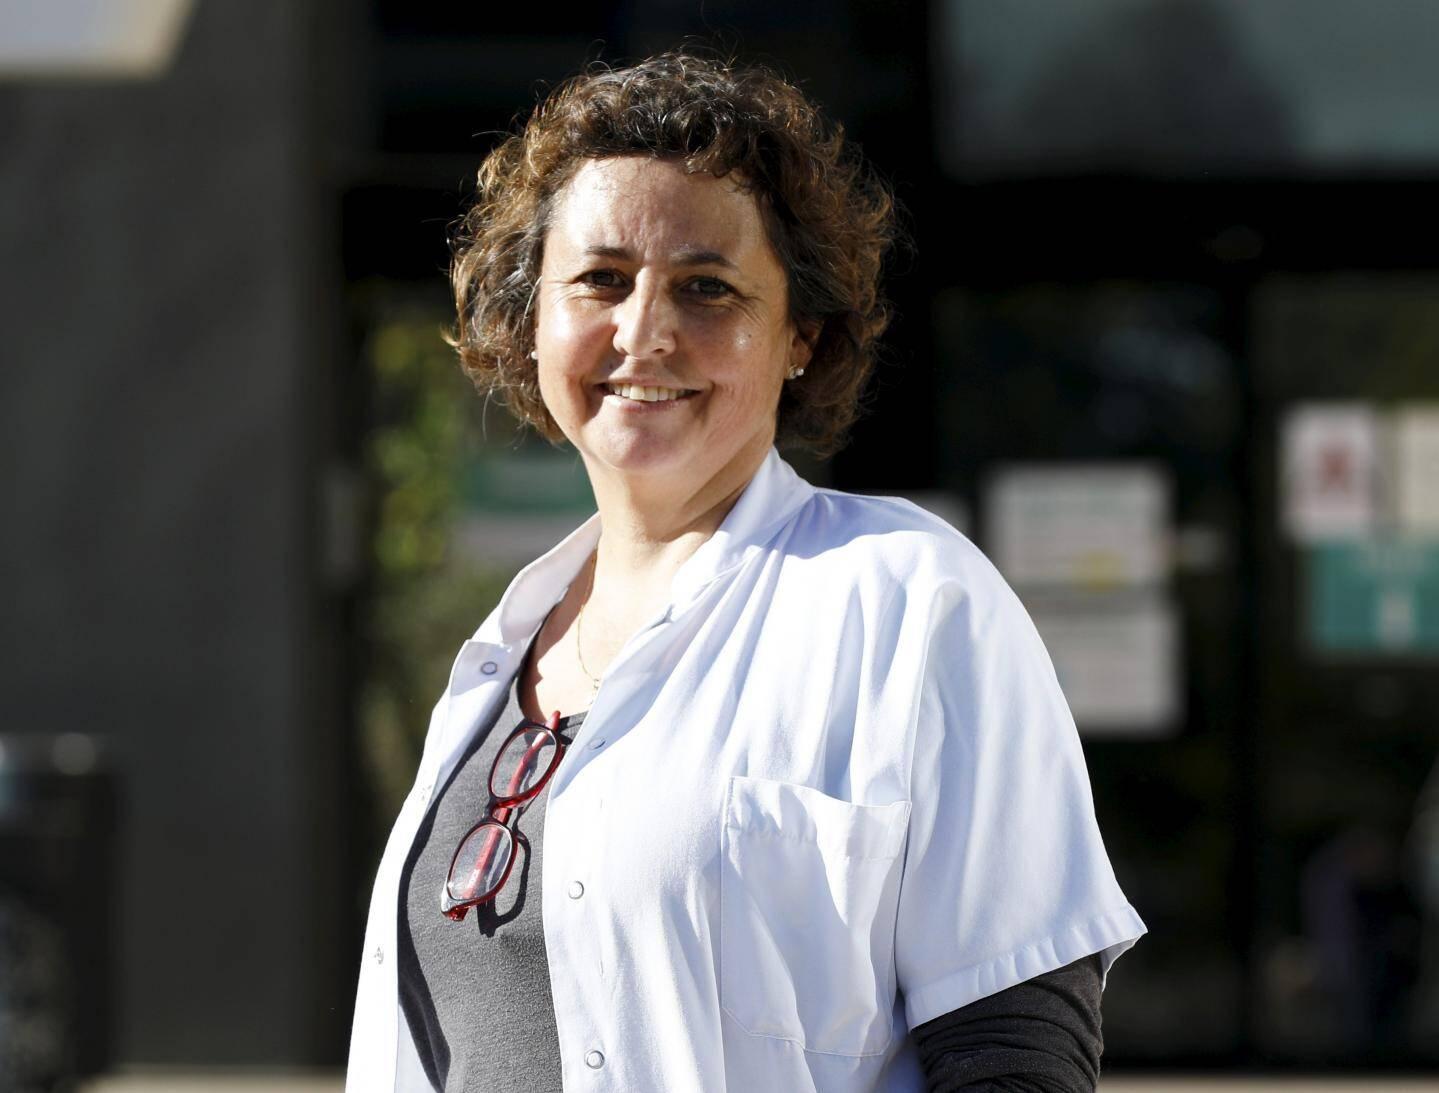 Valérie Créniaut est infirmière au centre hospitalier de Grasse depuis bientôt 30 ans.